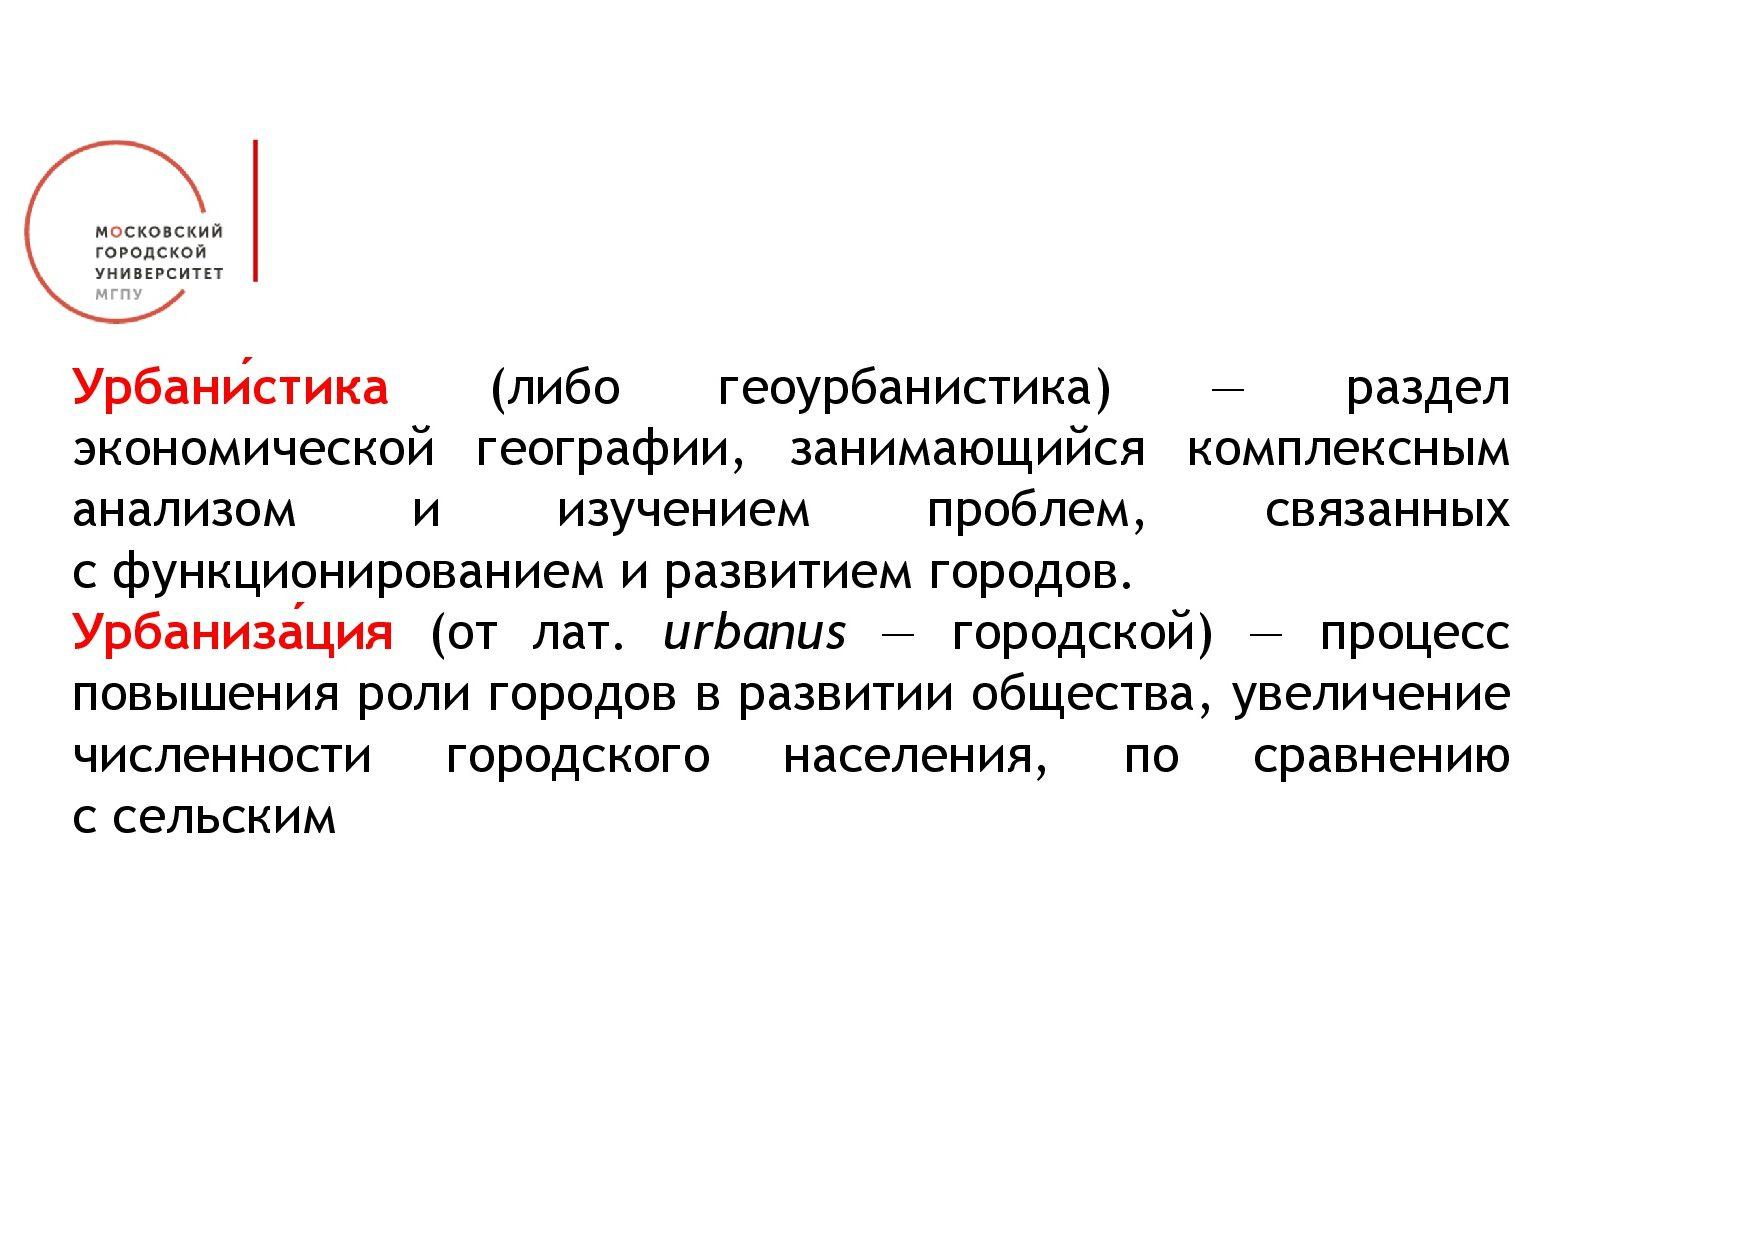 Презентация на МГК -Иванова ЕВ-002